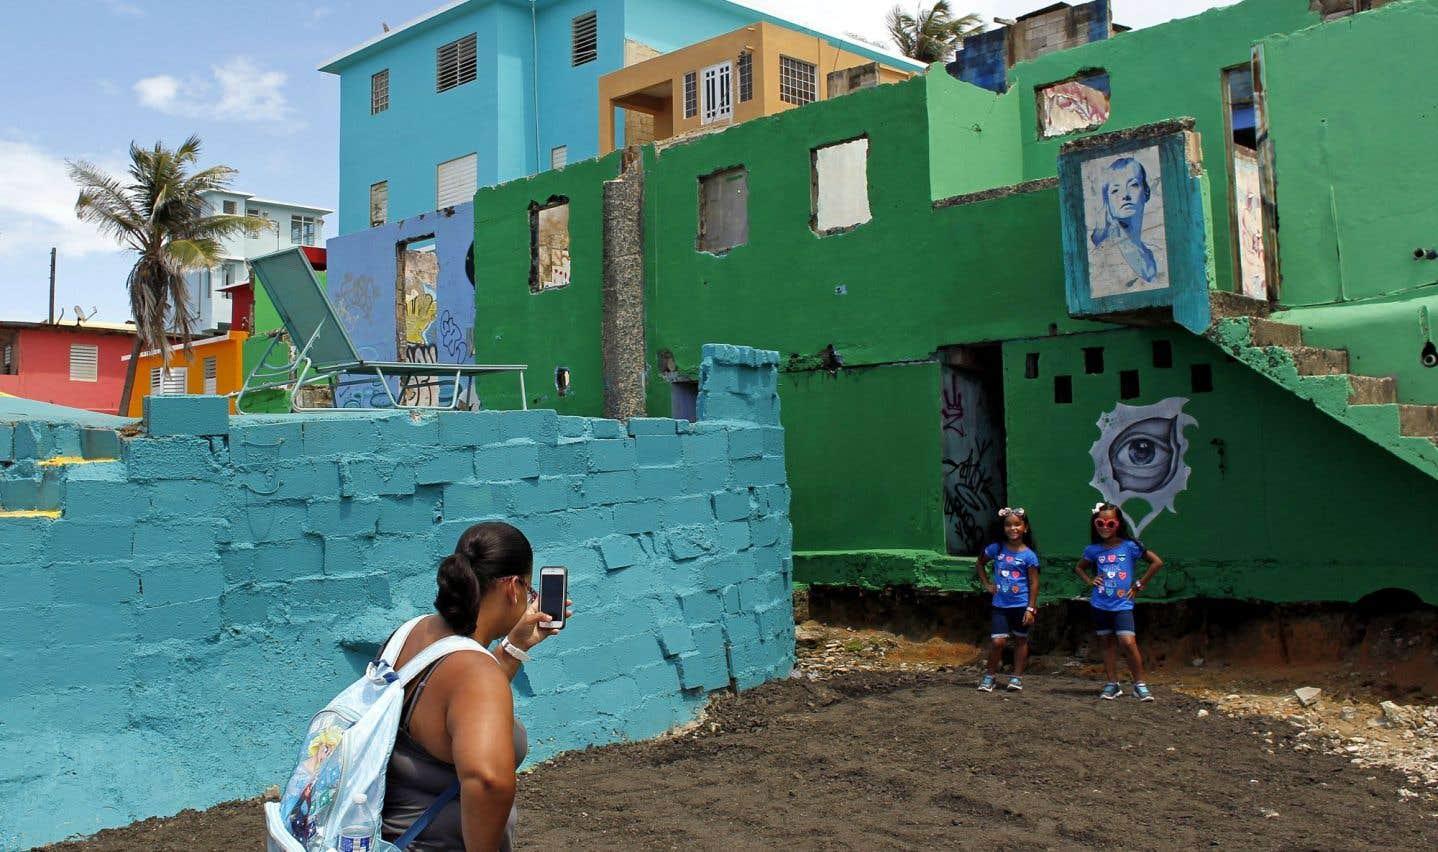 Les touristes sur les traces de «Despacito» dans les quartiers pauvres de Porto Rico